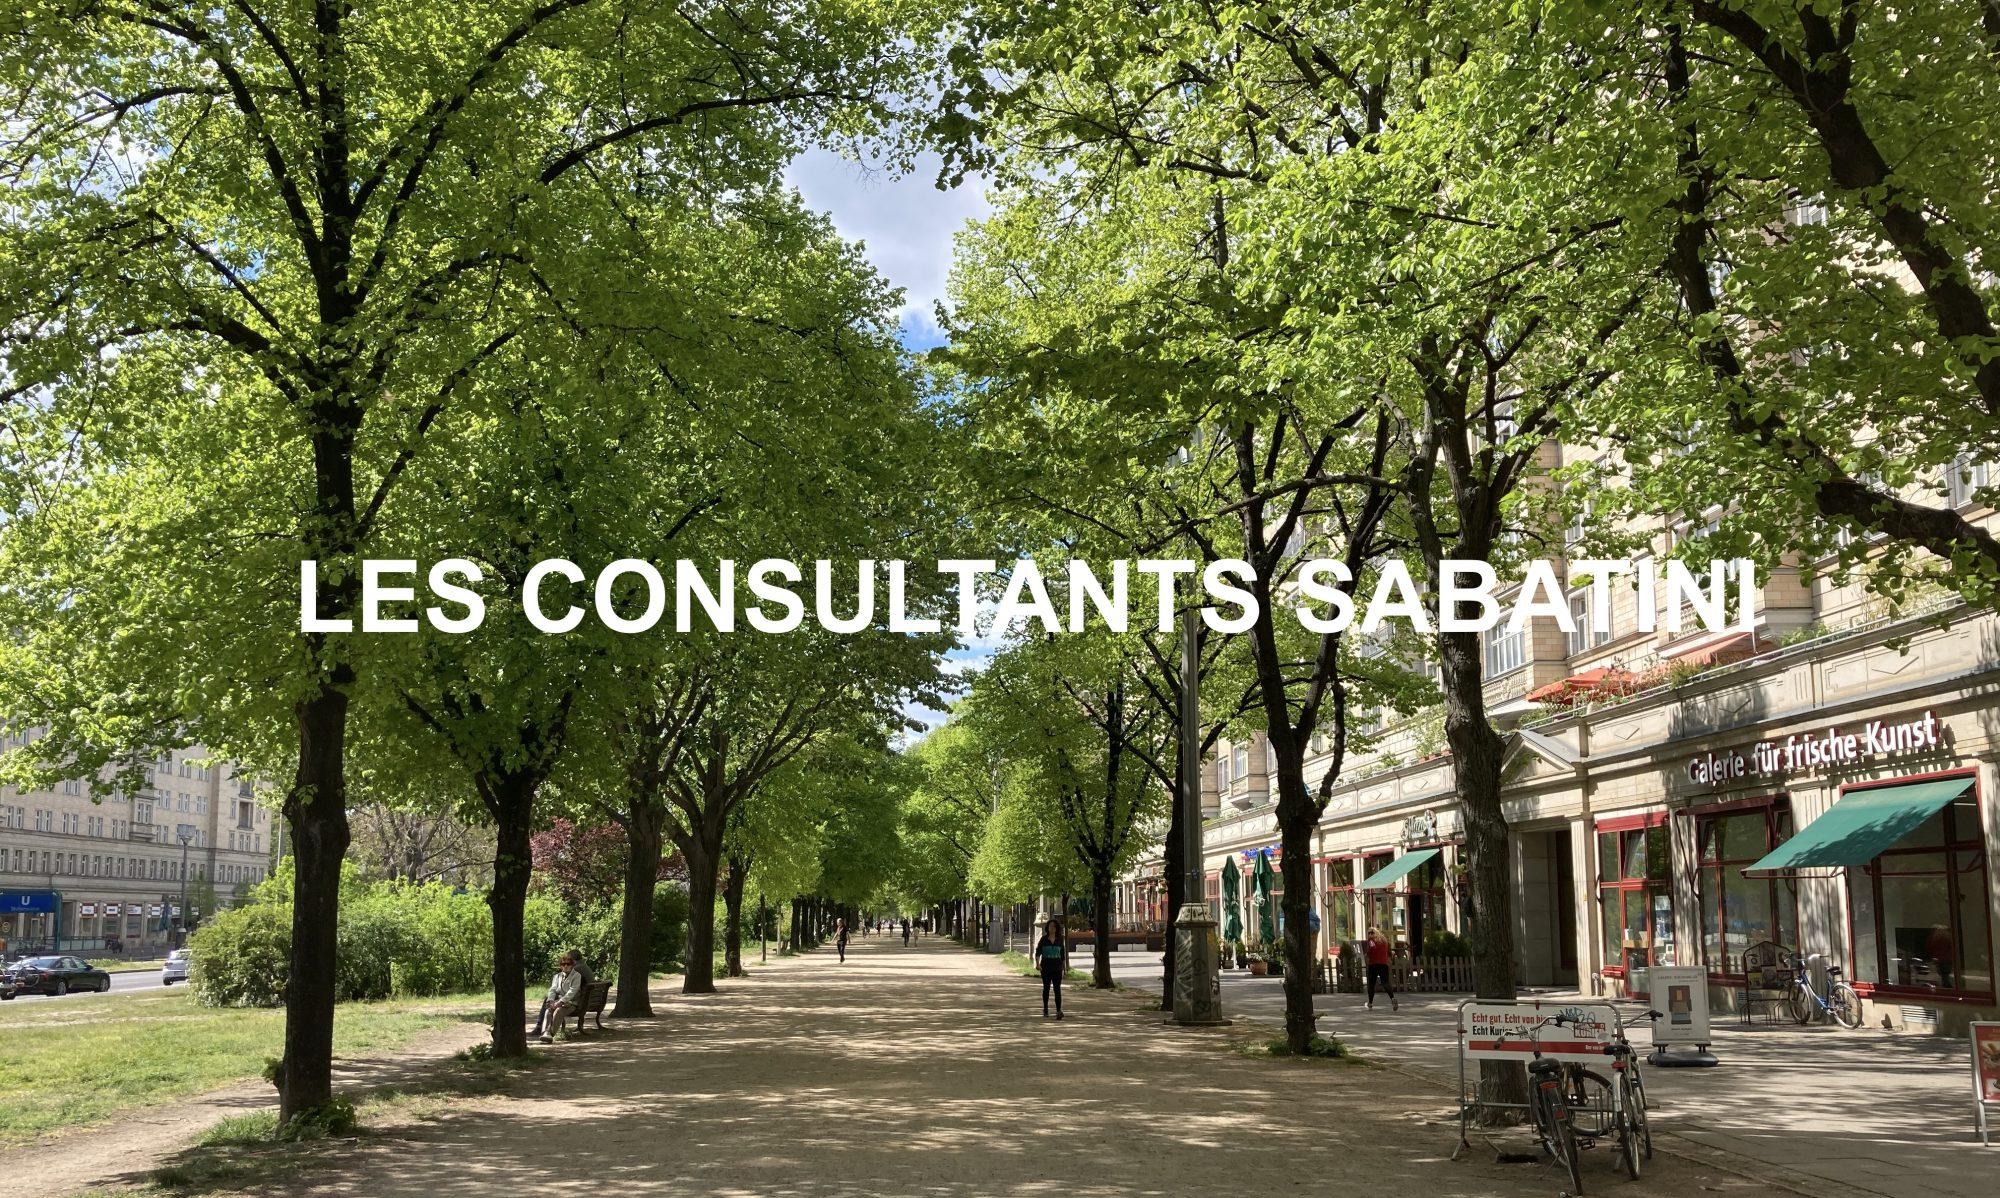 Les Consultants Sabatini